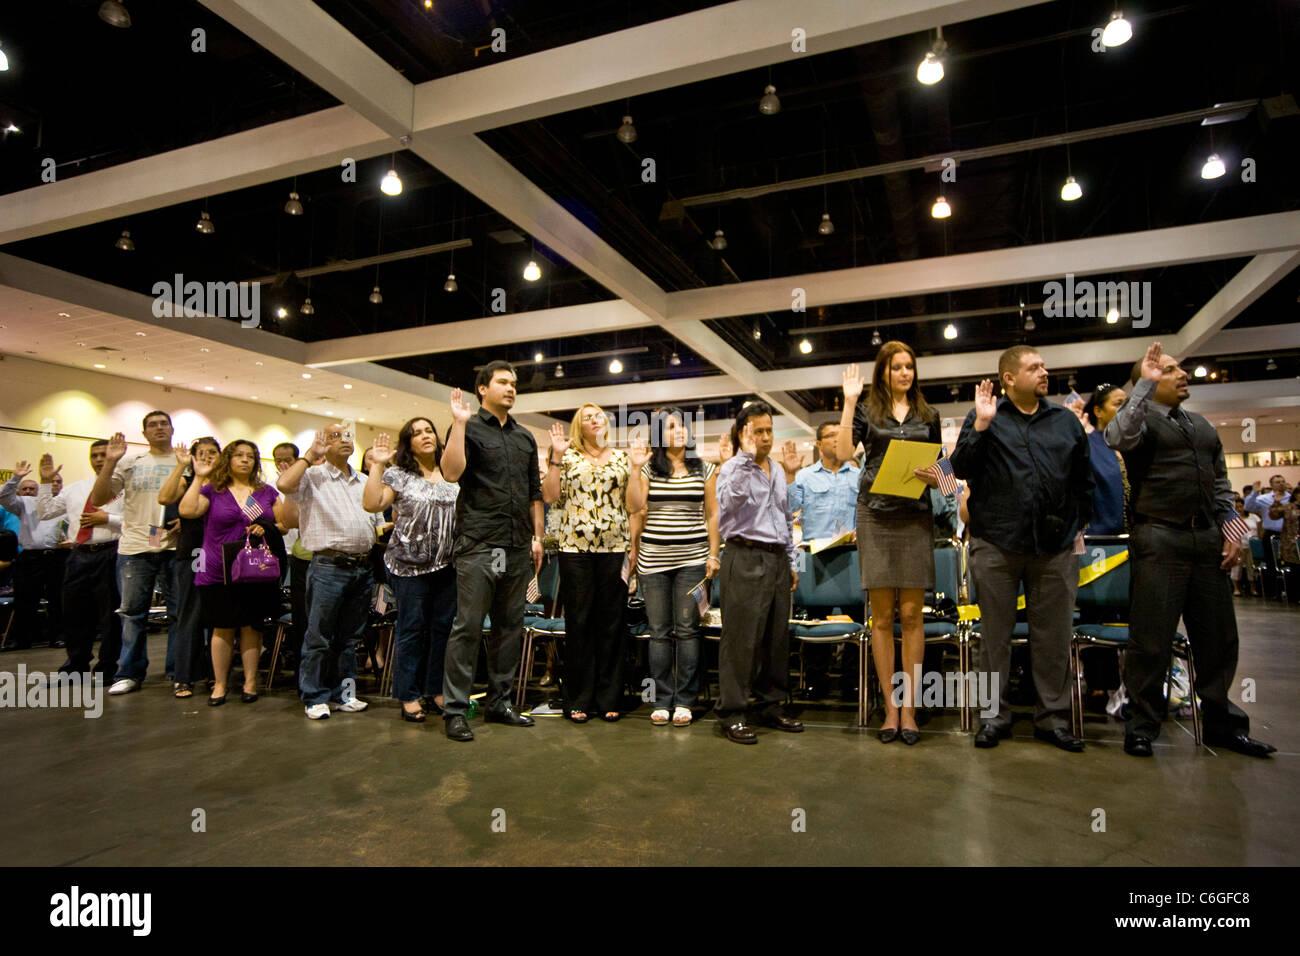 Los inmigrantes de diversas edades y nacionalidades el juramento de la ciudadanía de los Estados Unidos en Los Angeles. Foto de stock